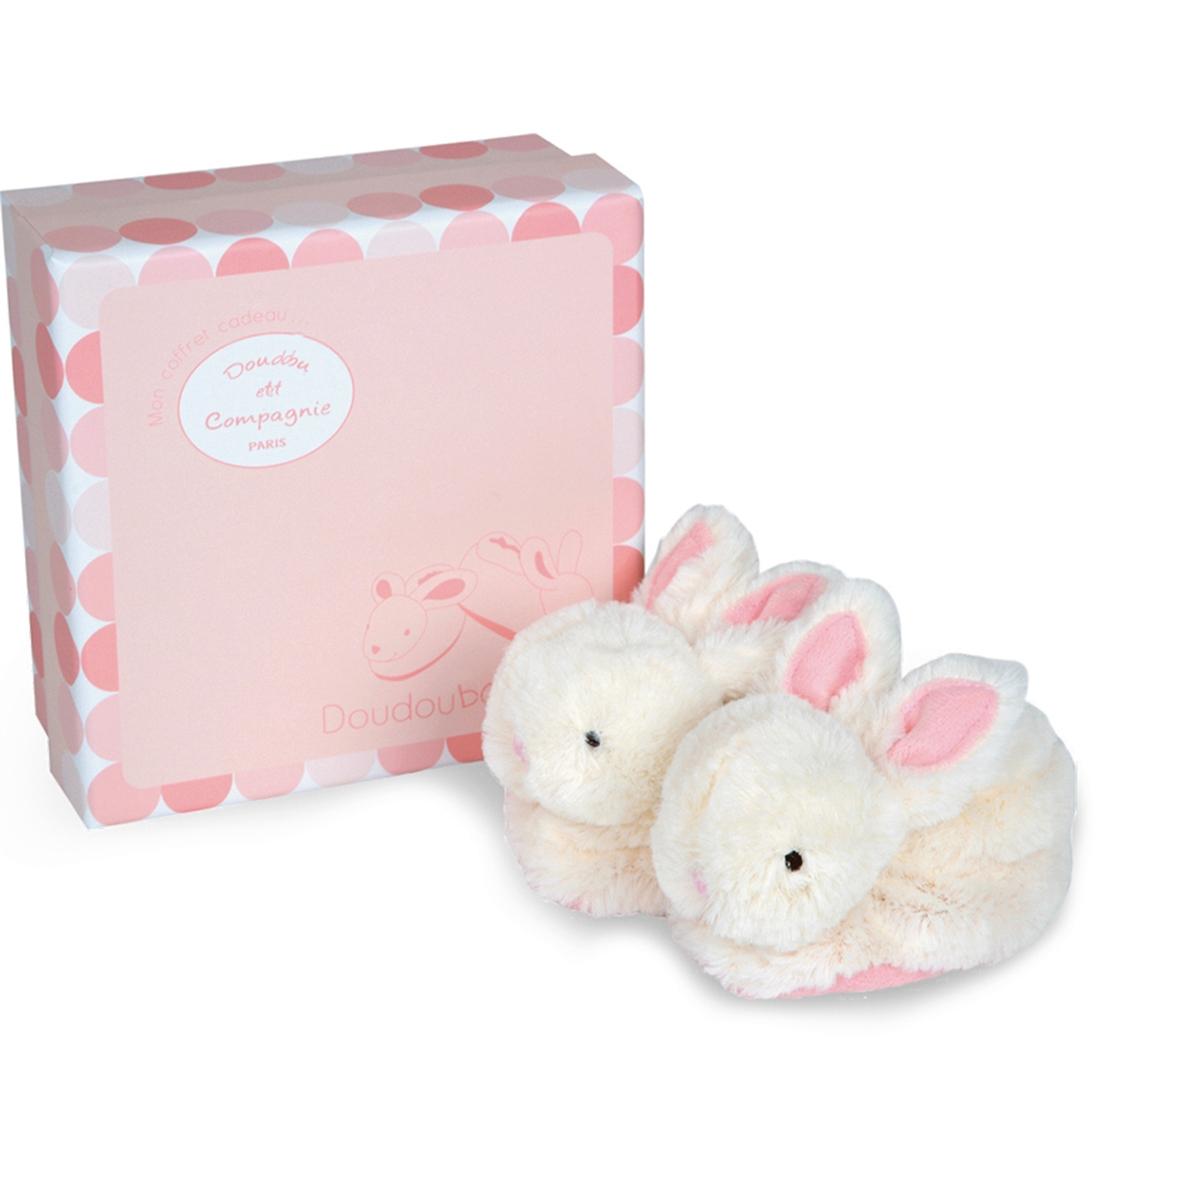 Confezione scarpine con giochino rosa 0-6 mesi - Lapi